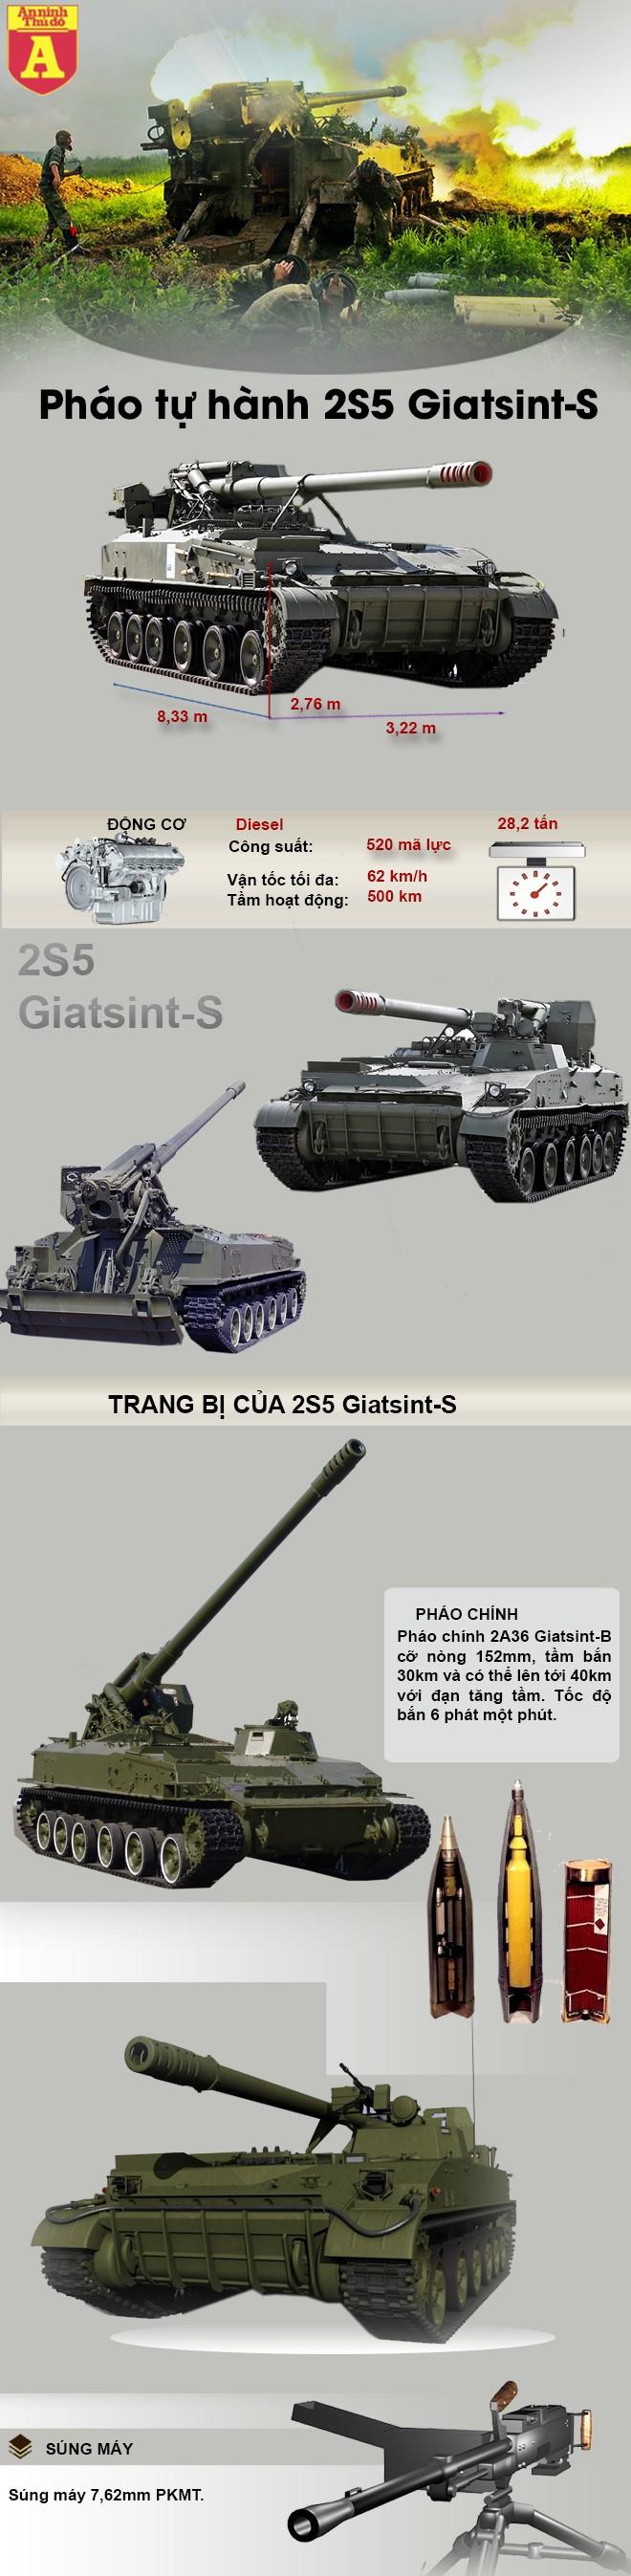 [Infographic] Khám phá pháo tự hành tiêu chuẩn bắn đạn nhân hủy diệt của Nga ảnh 2